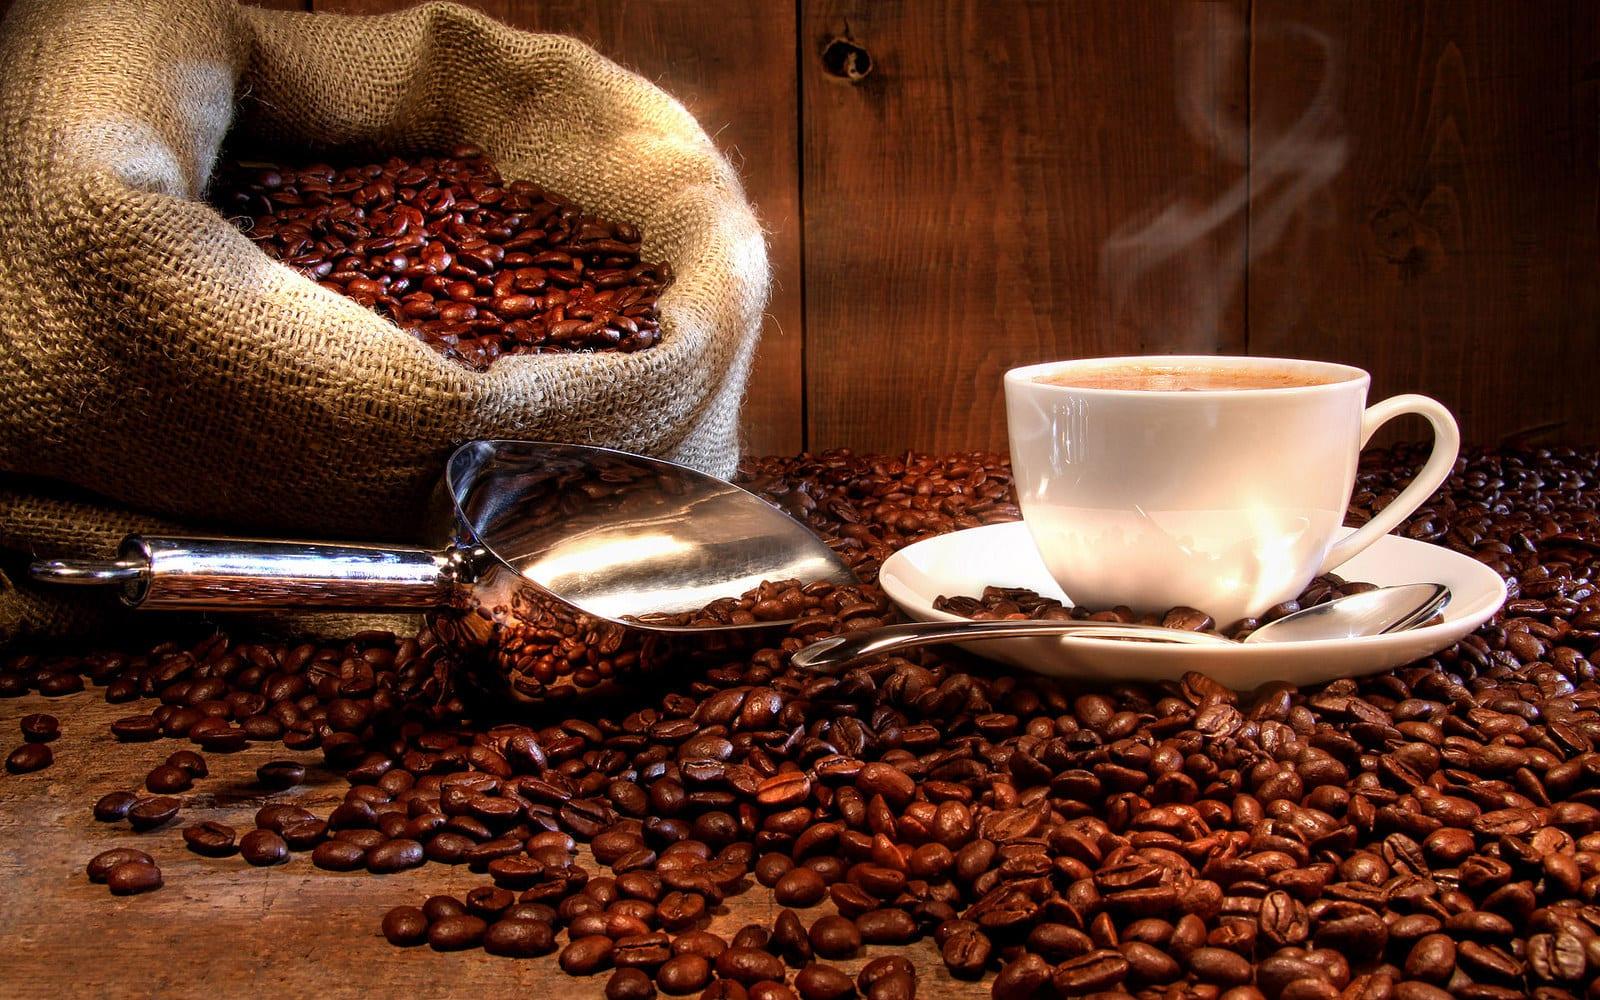 fotogarfía culinaria de café